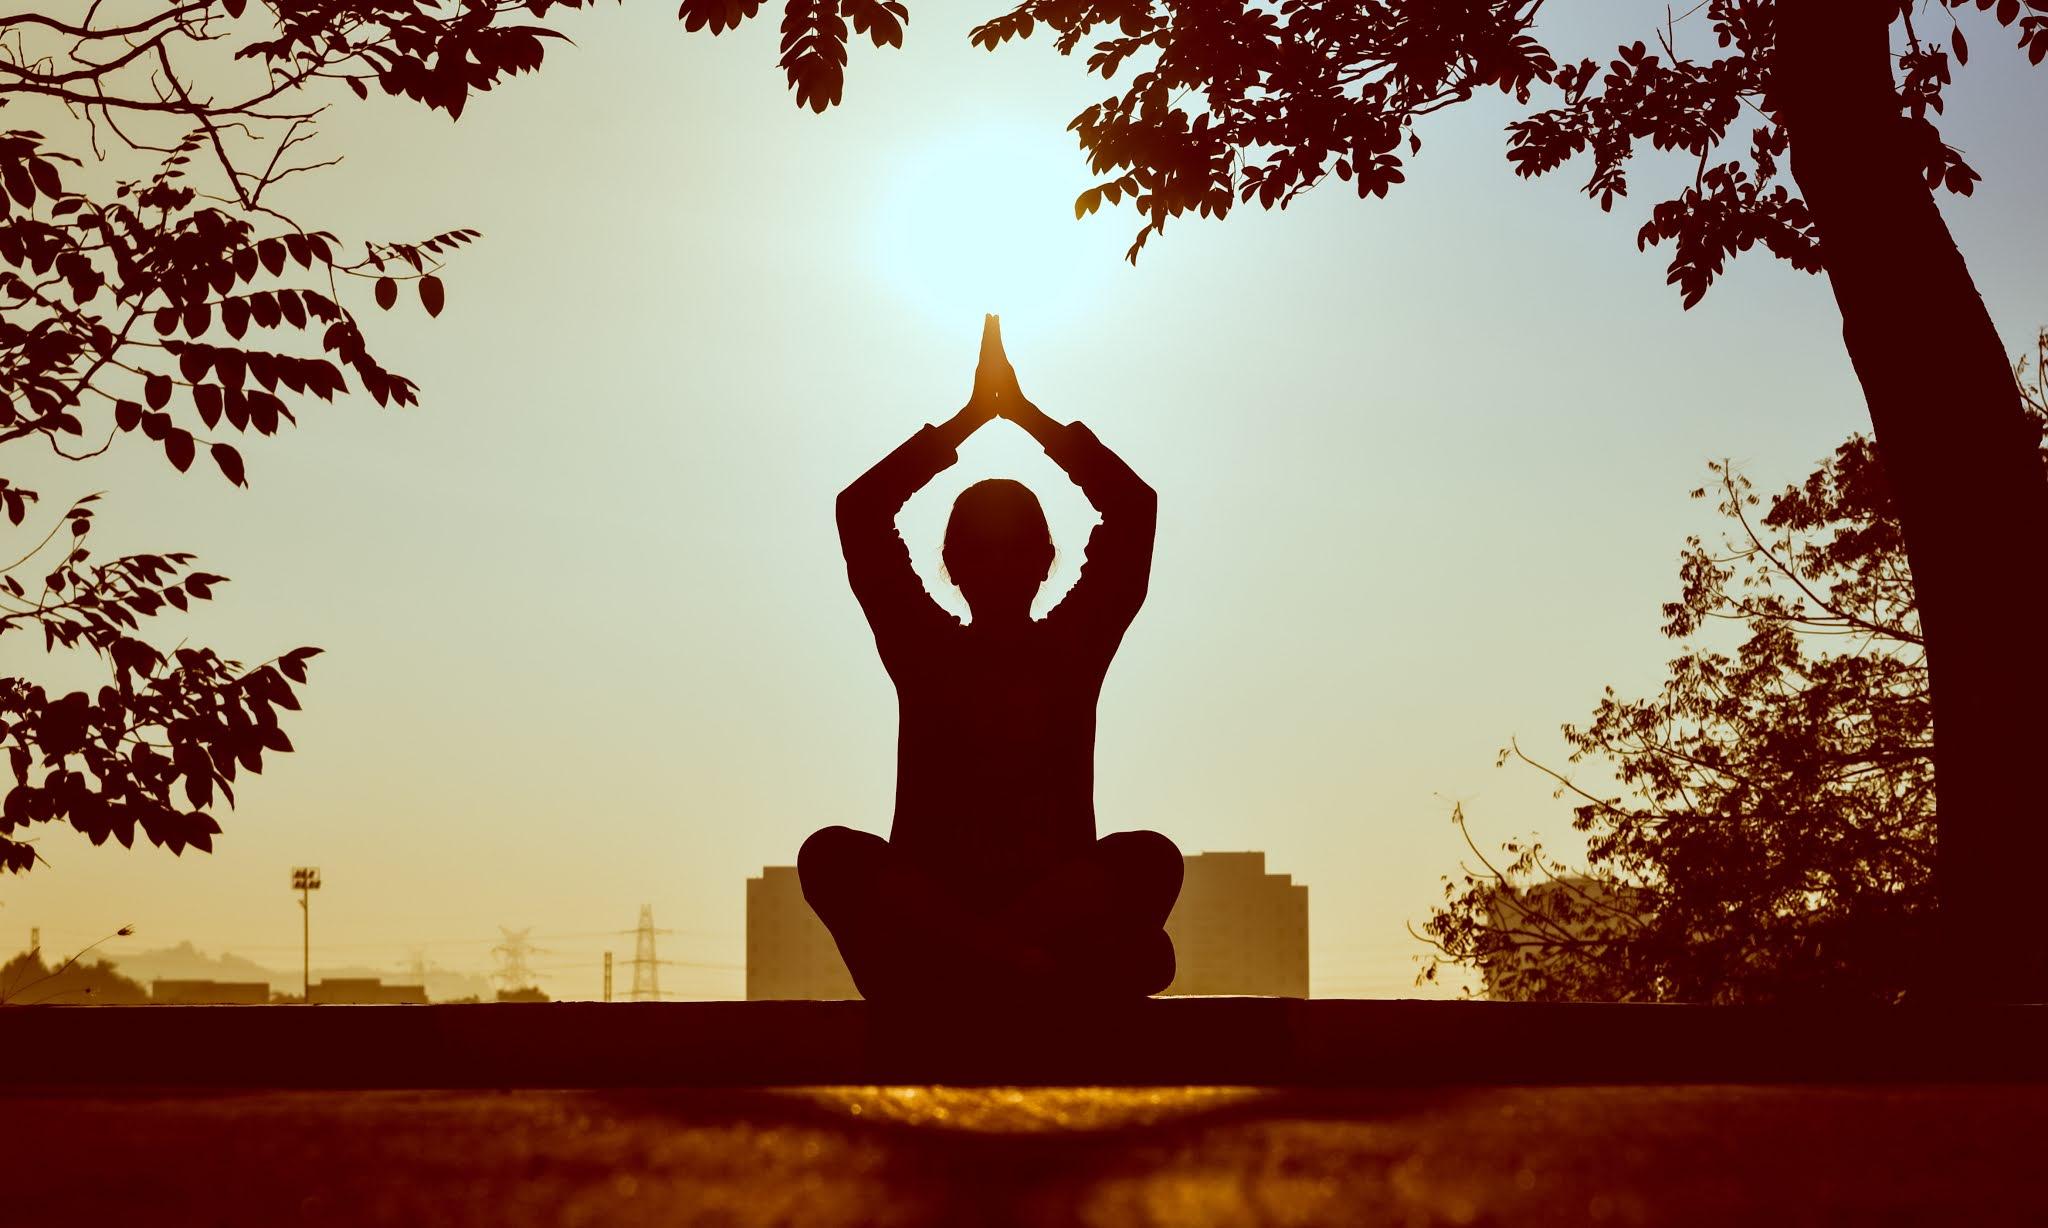 व्यायाम का महत्व (मानव जीवन में व्यायाम का महत्व) हिंदी निबंध (vyayam ka  mahatva essay in hindi)-Total Hindi Study